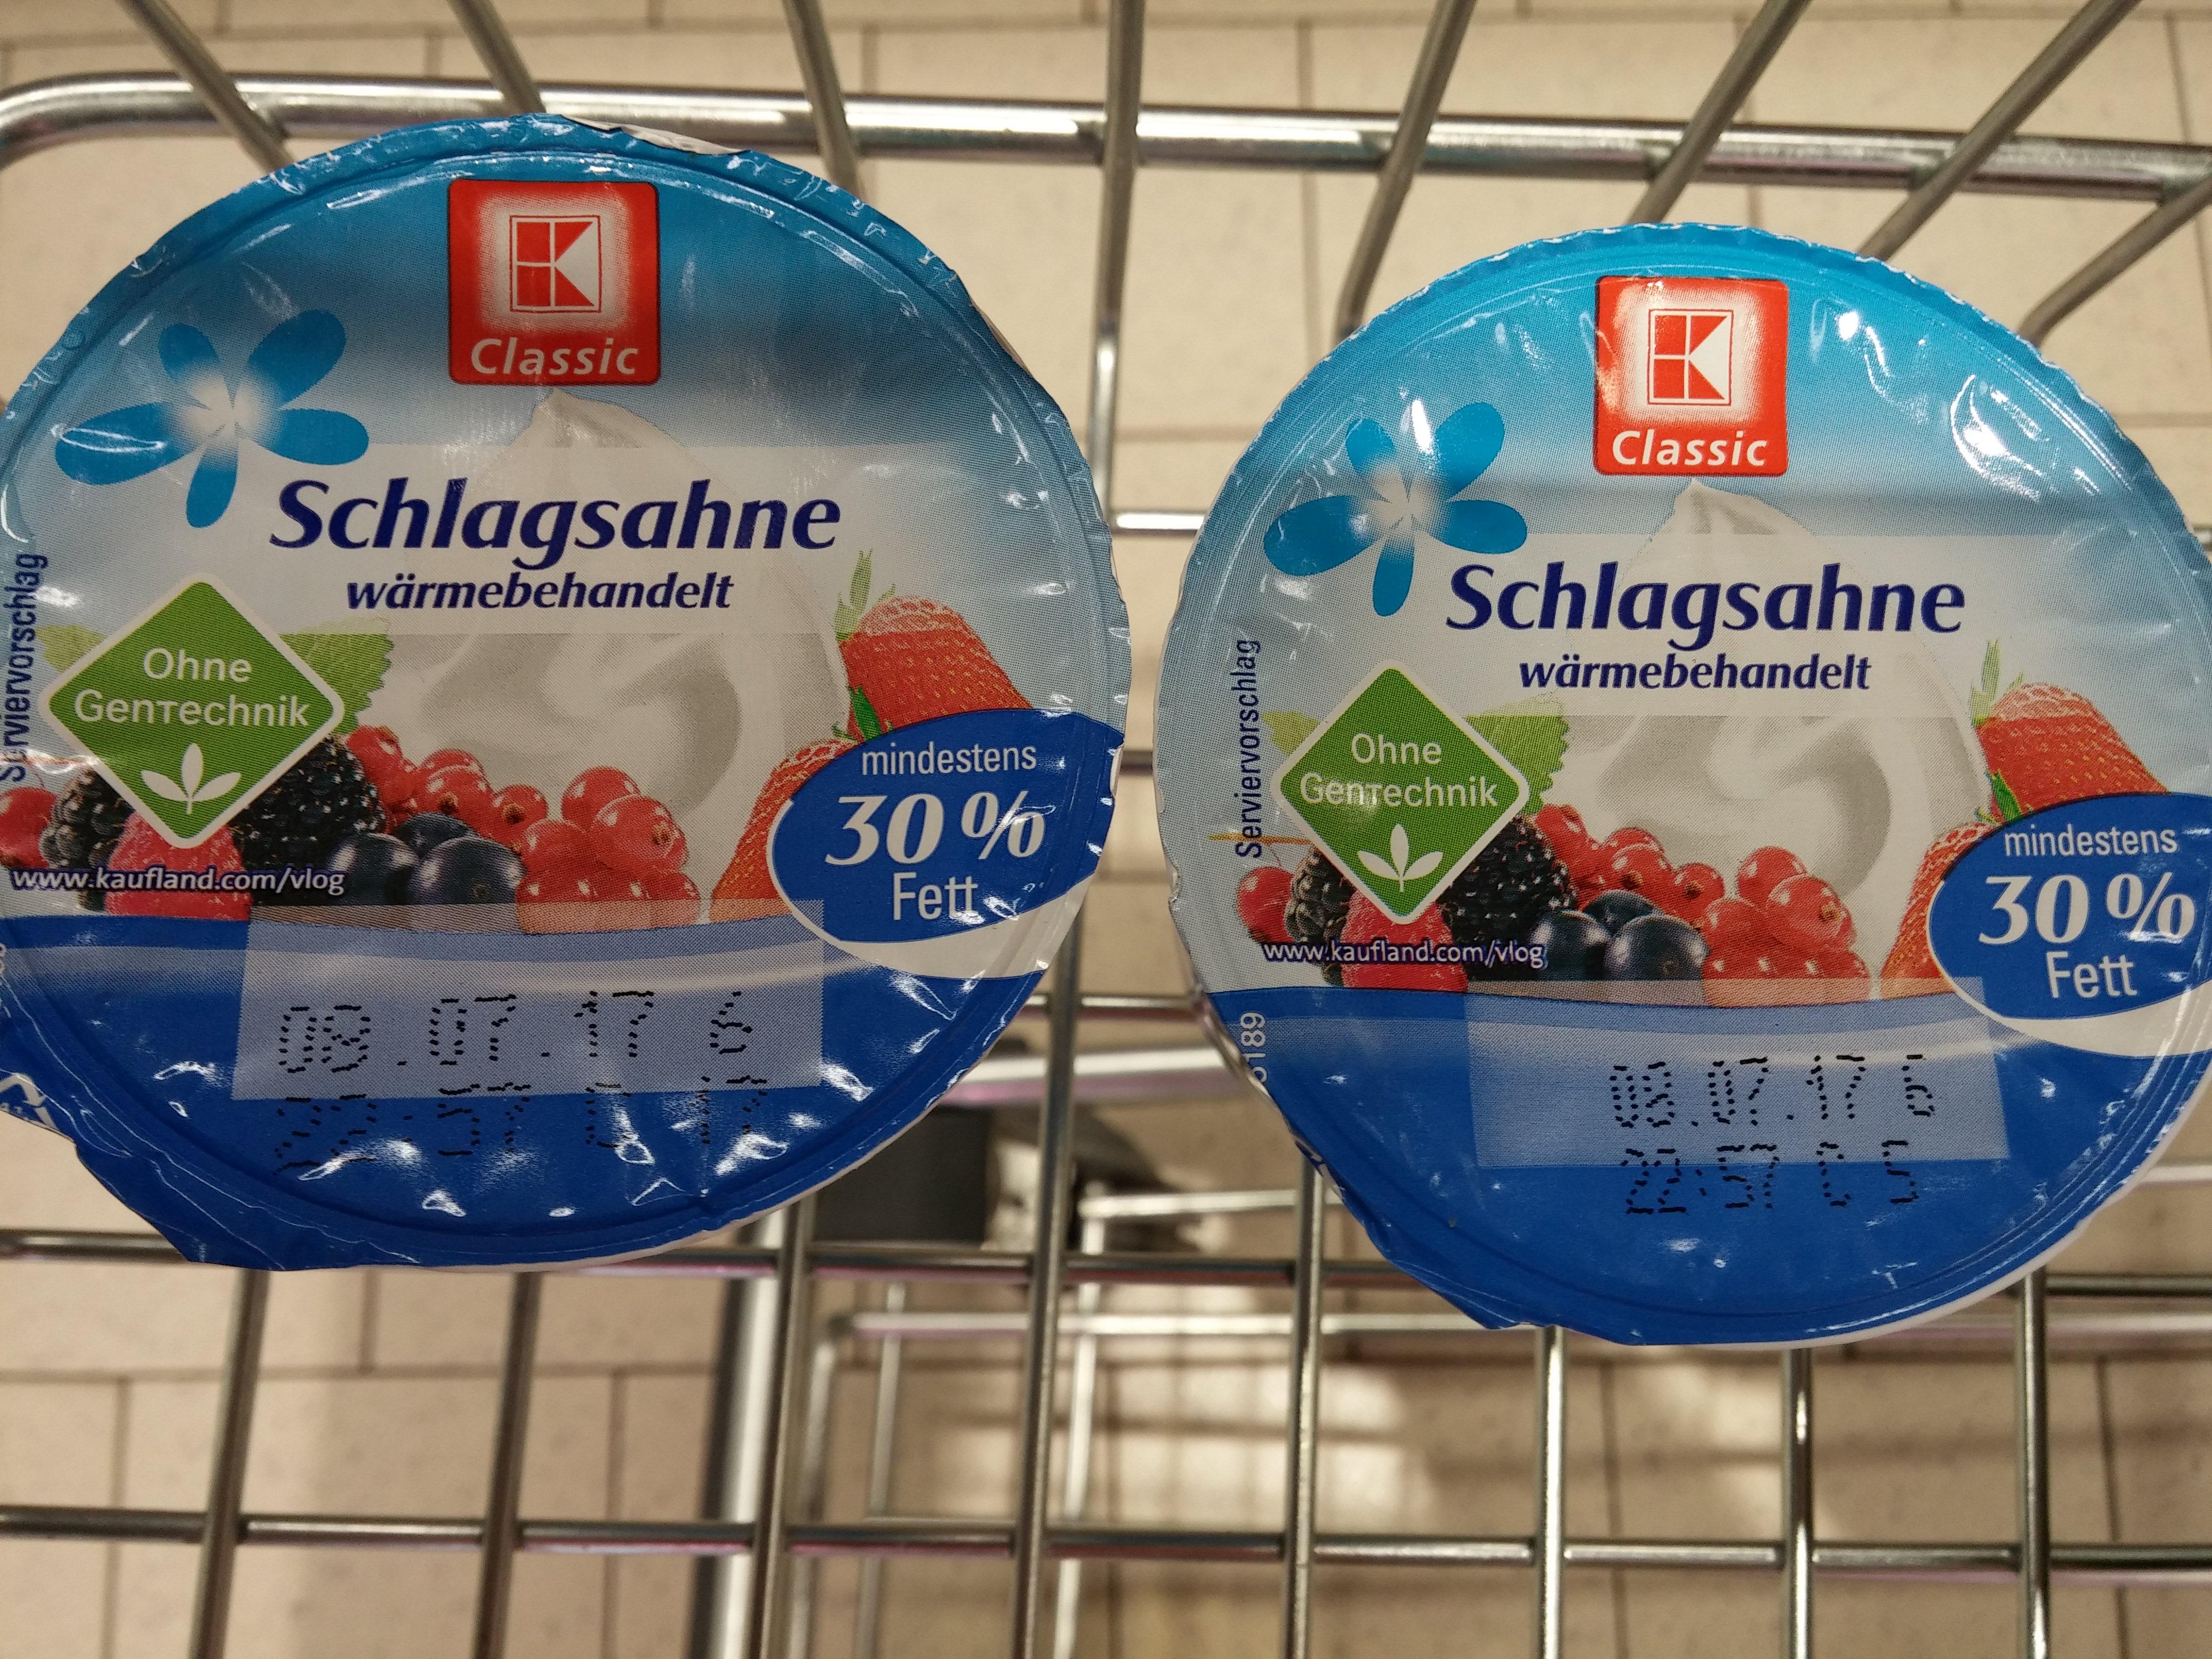 Schlagsahne K-Classic, 200 g, 30 % für 1 Cent @ Kaufland Bad Salzungen